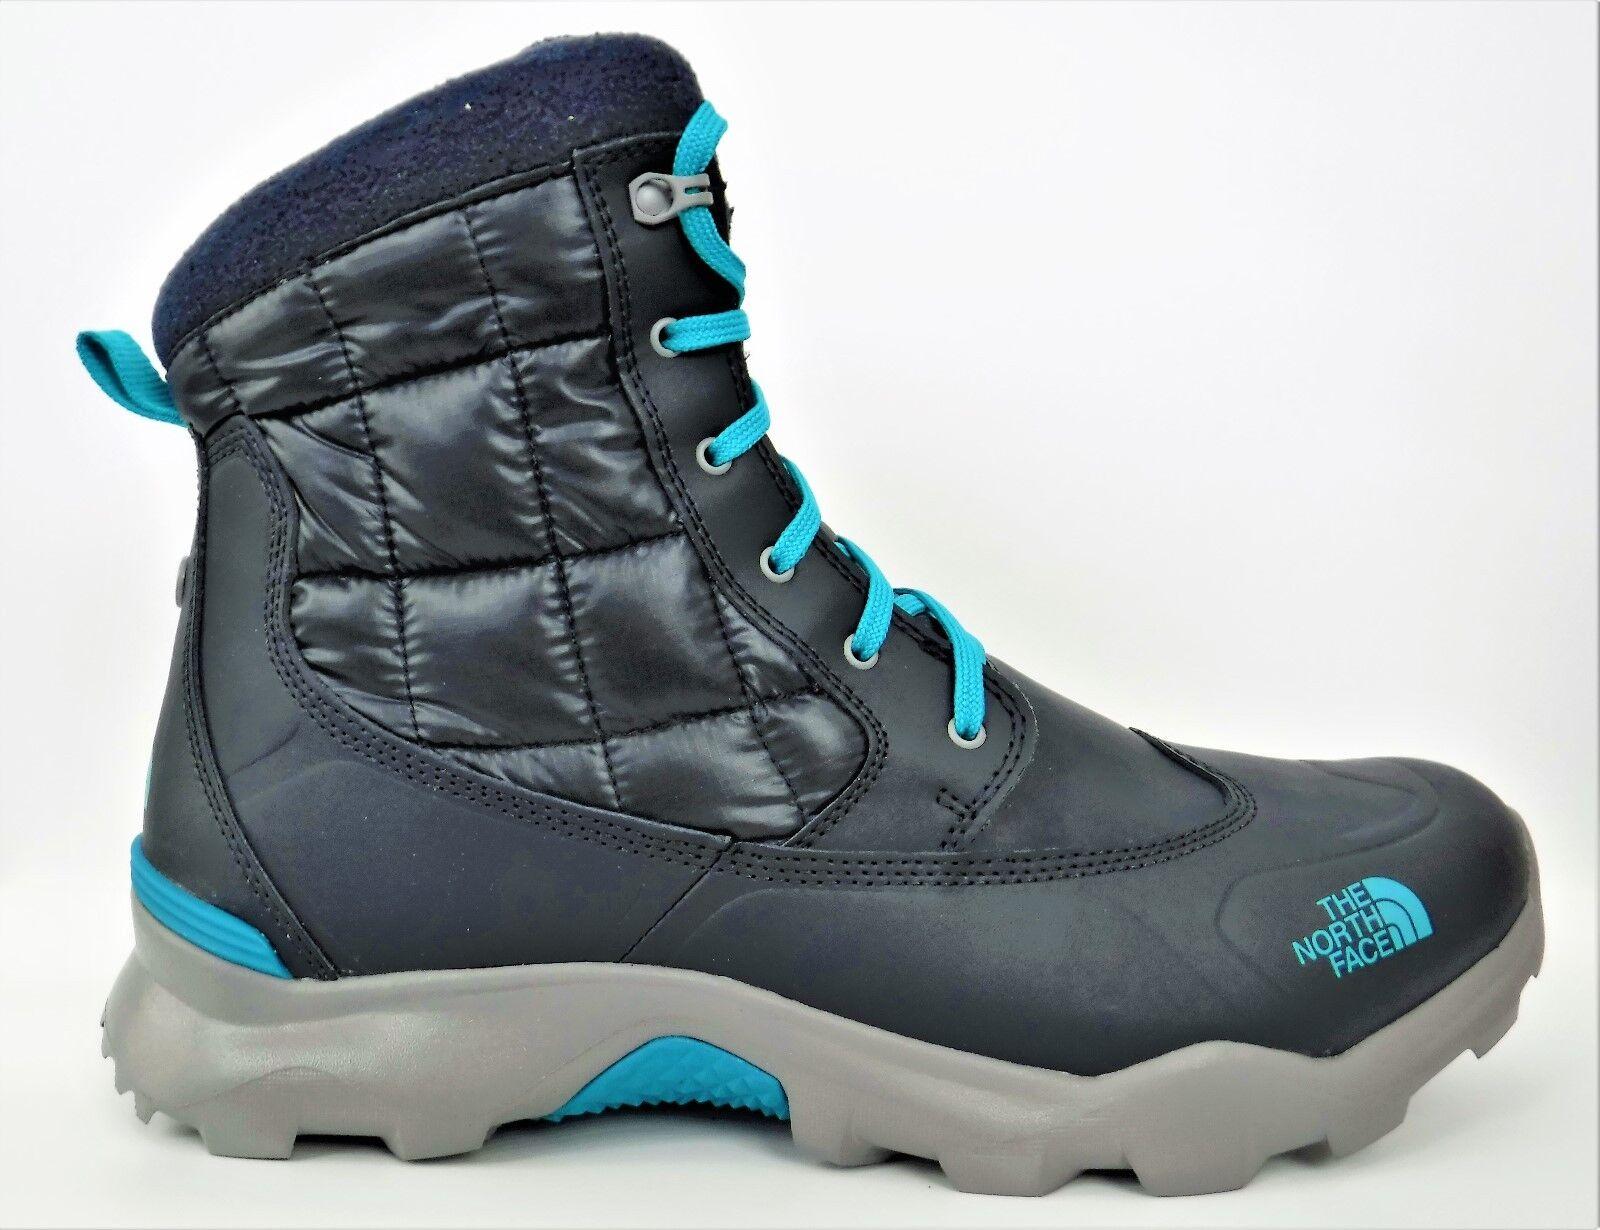 Nuevas botas Cremallera THE NORTH FACE Thermoball-Para hombre botas De Invierno Tamaño nos 13